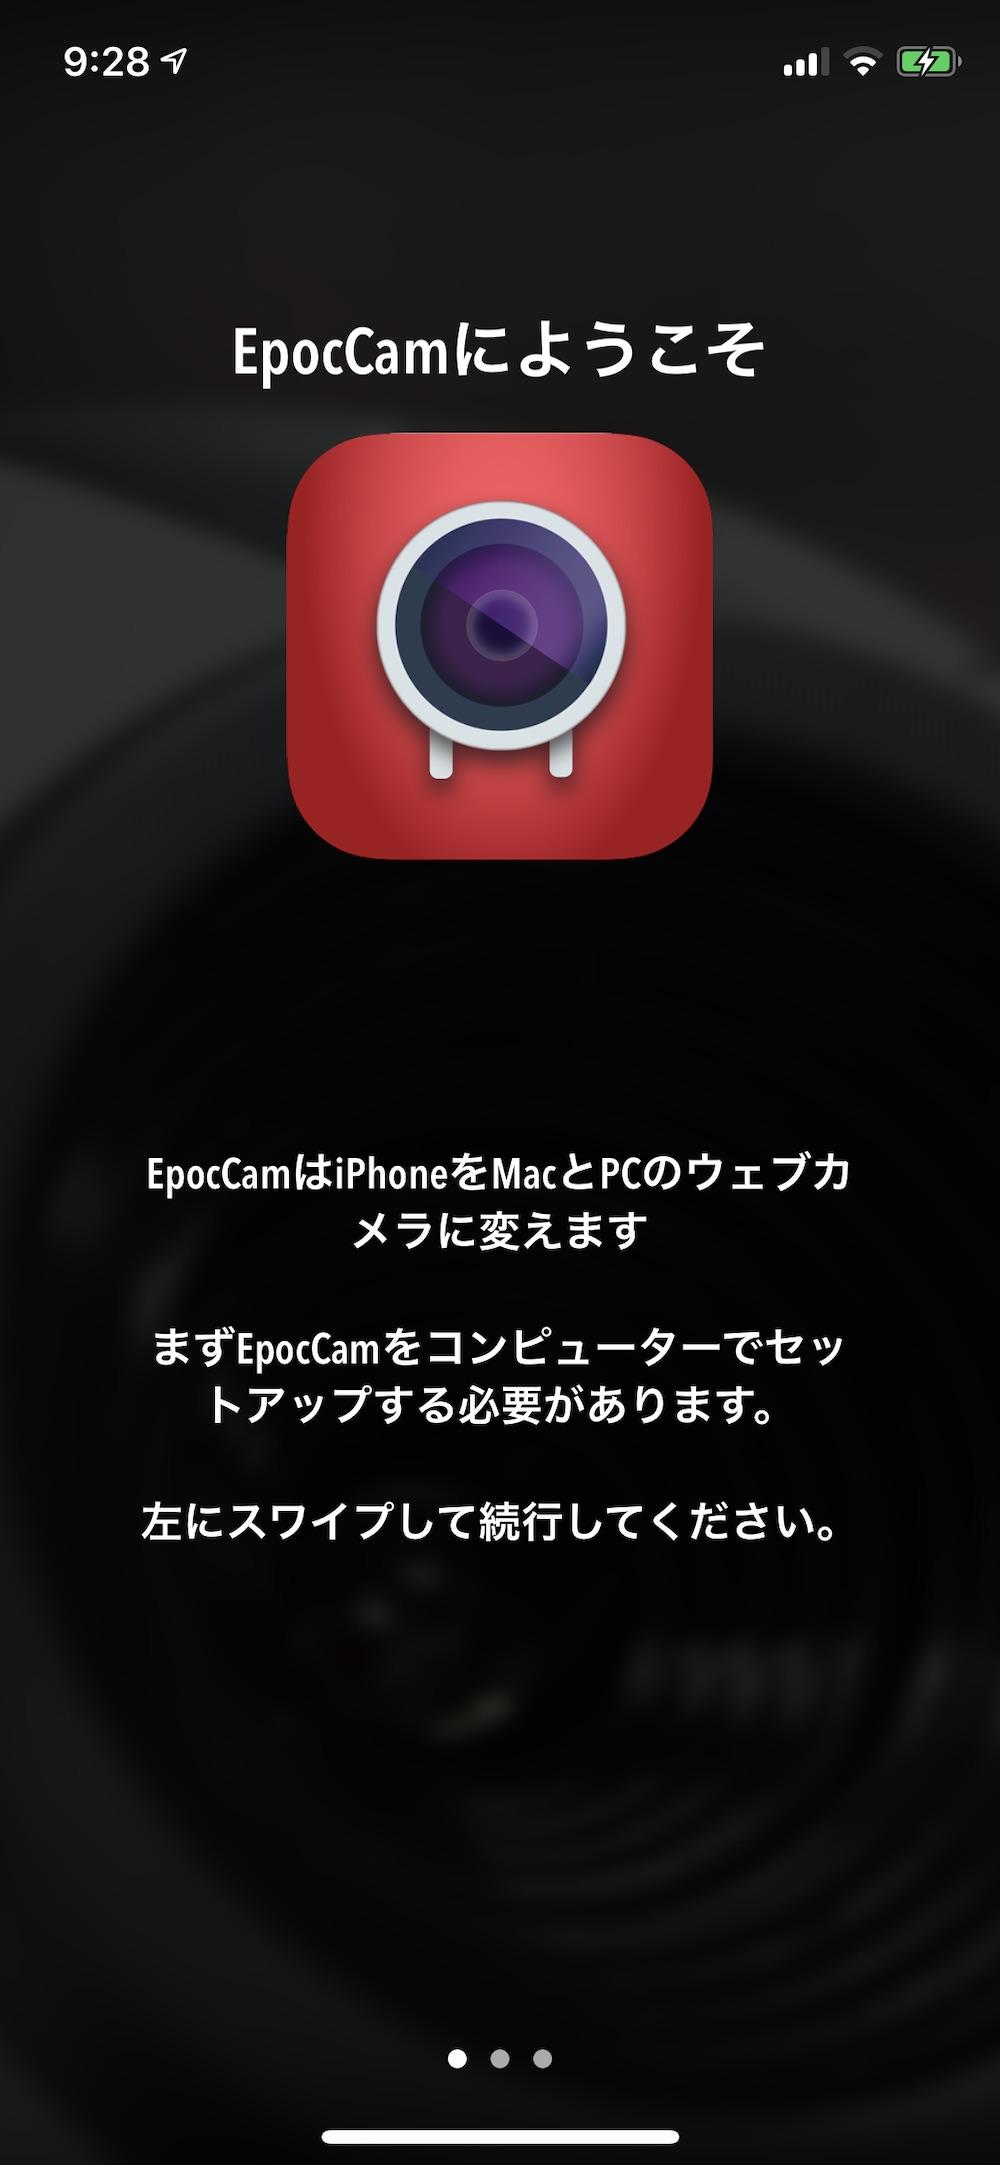 EpocCamにようこそ